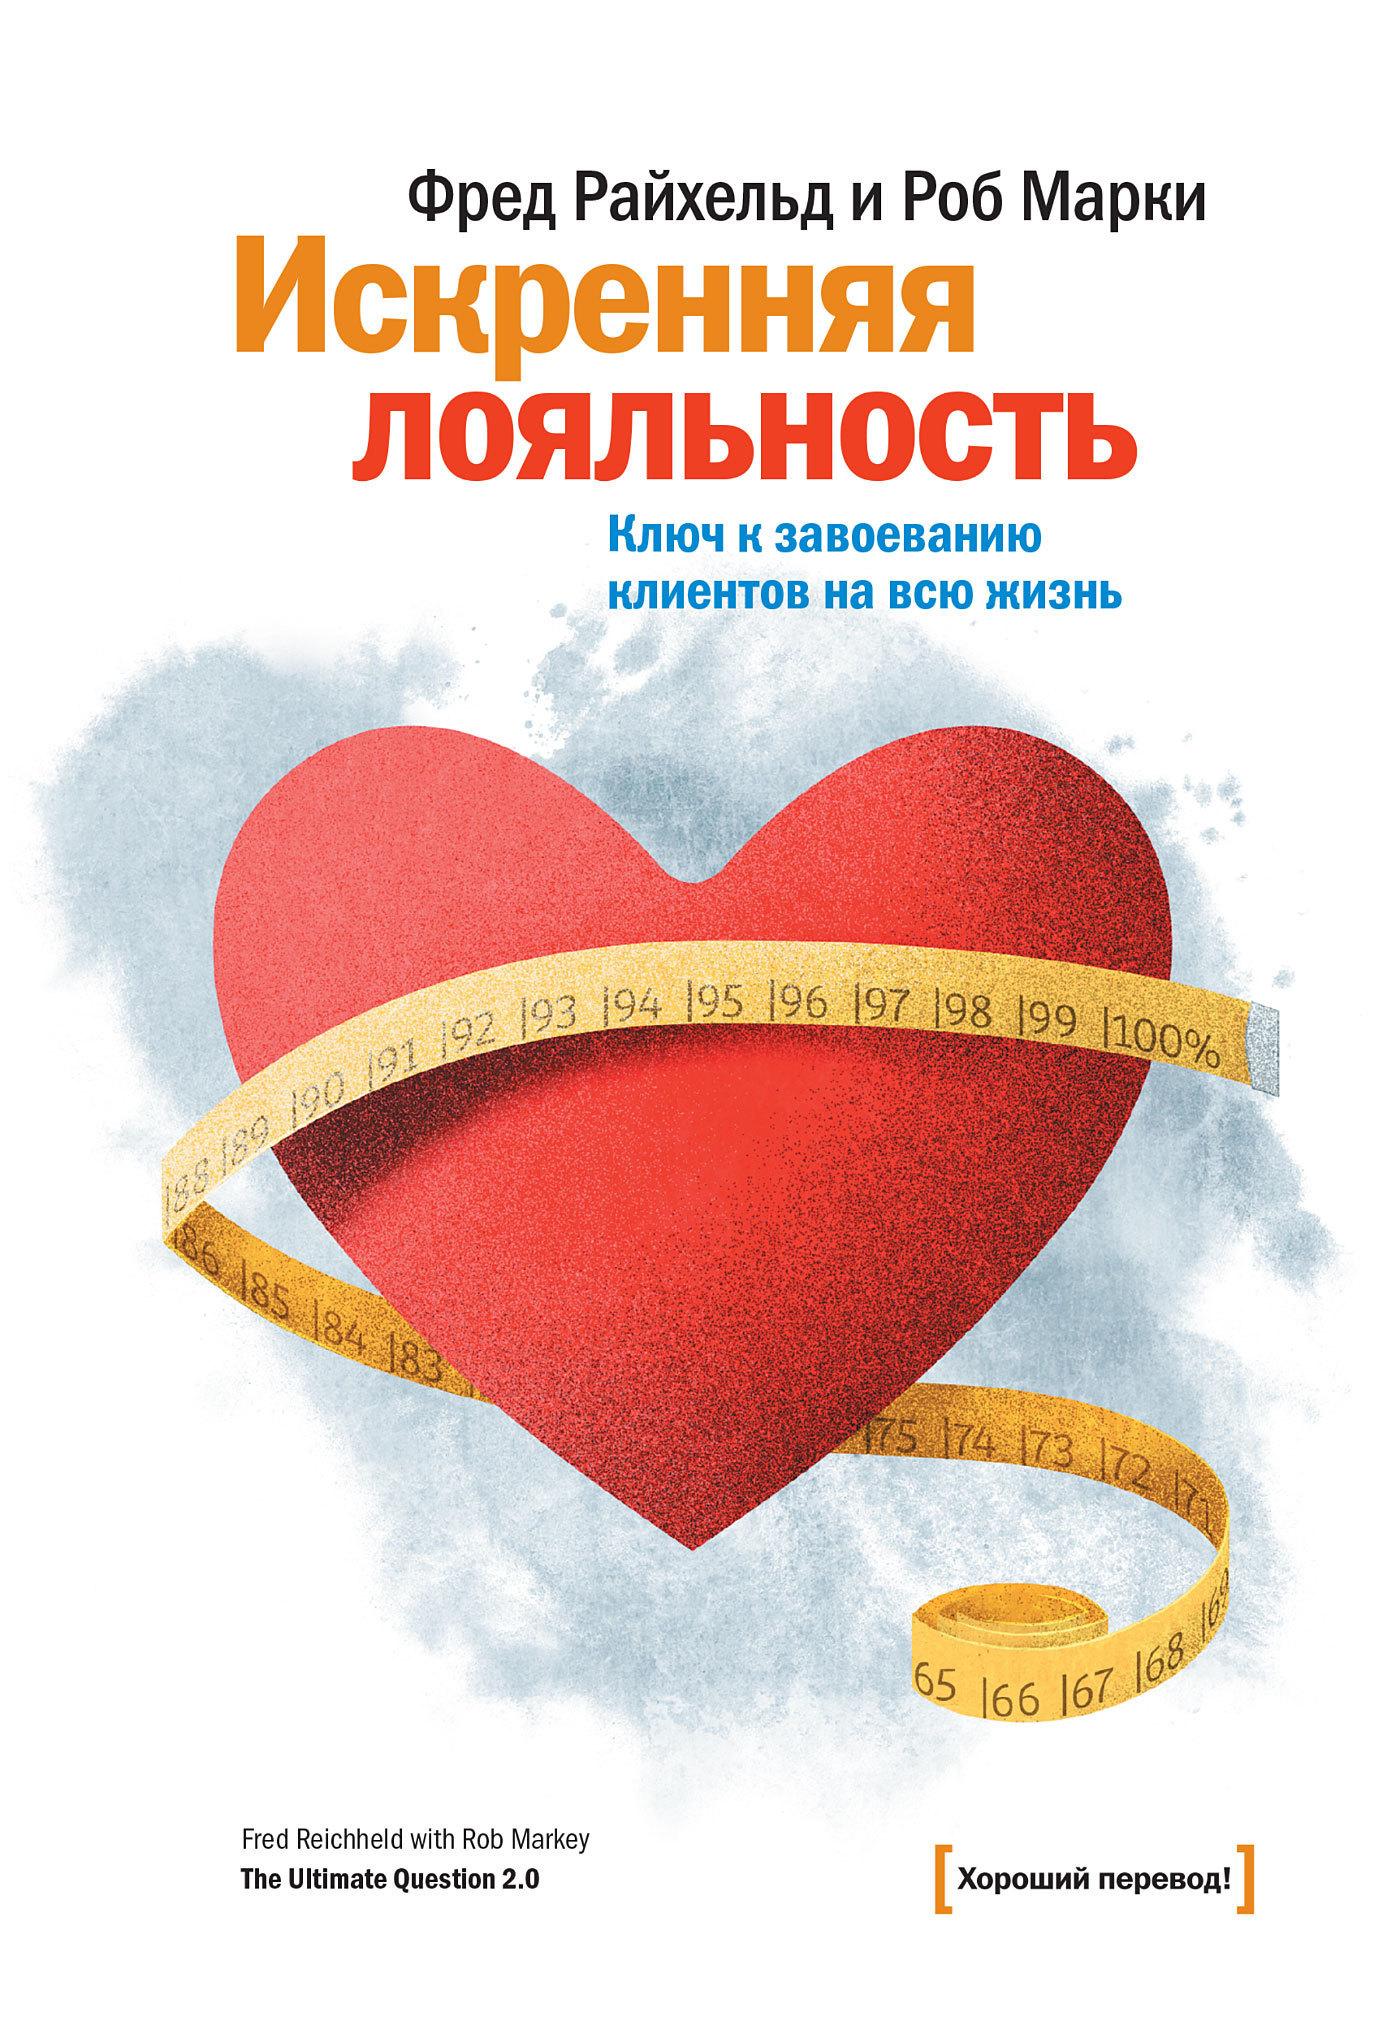 Обложка книги. Автор - Роб Марки